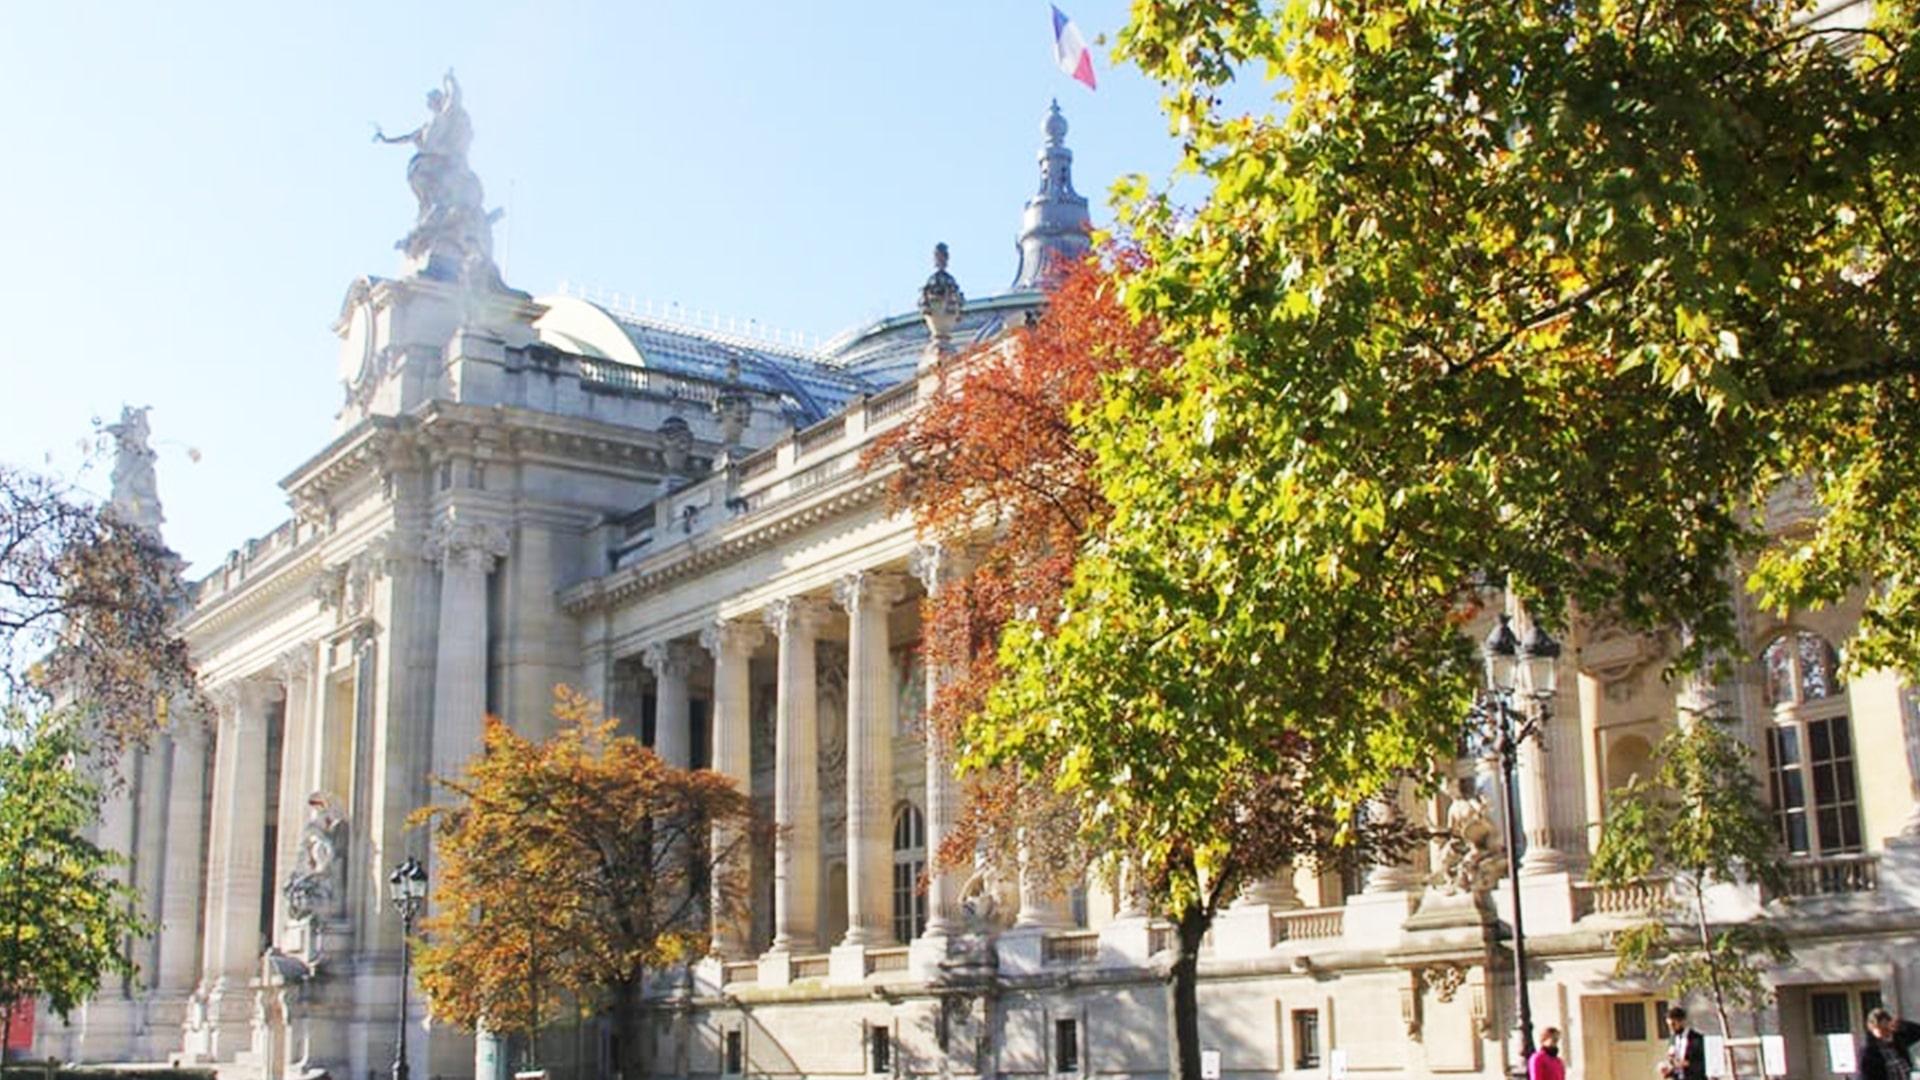 Visiter Paris : le Grand Palais